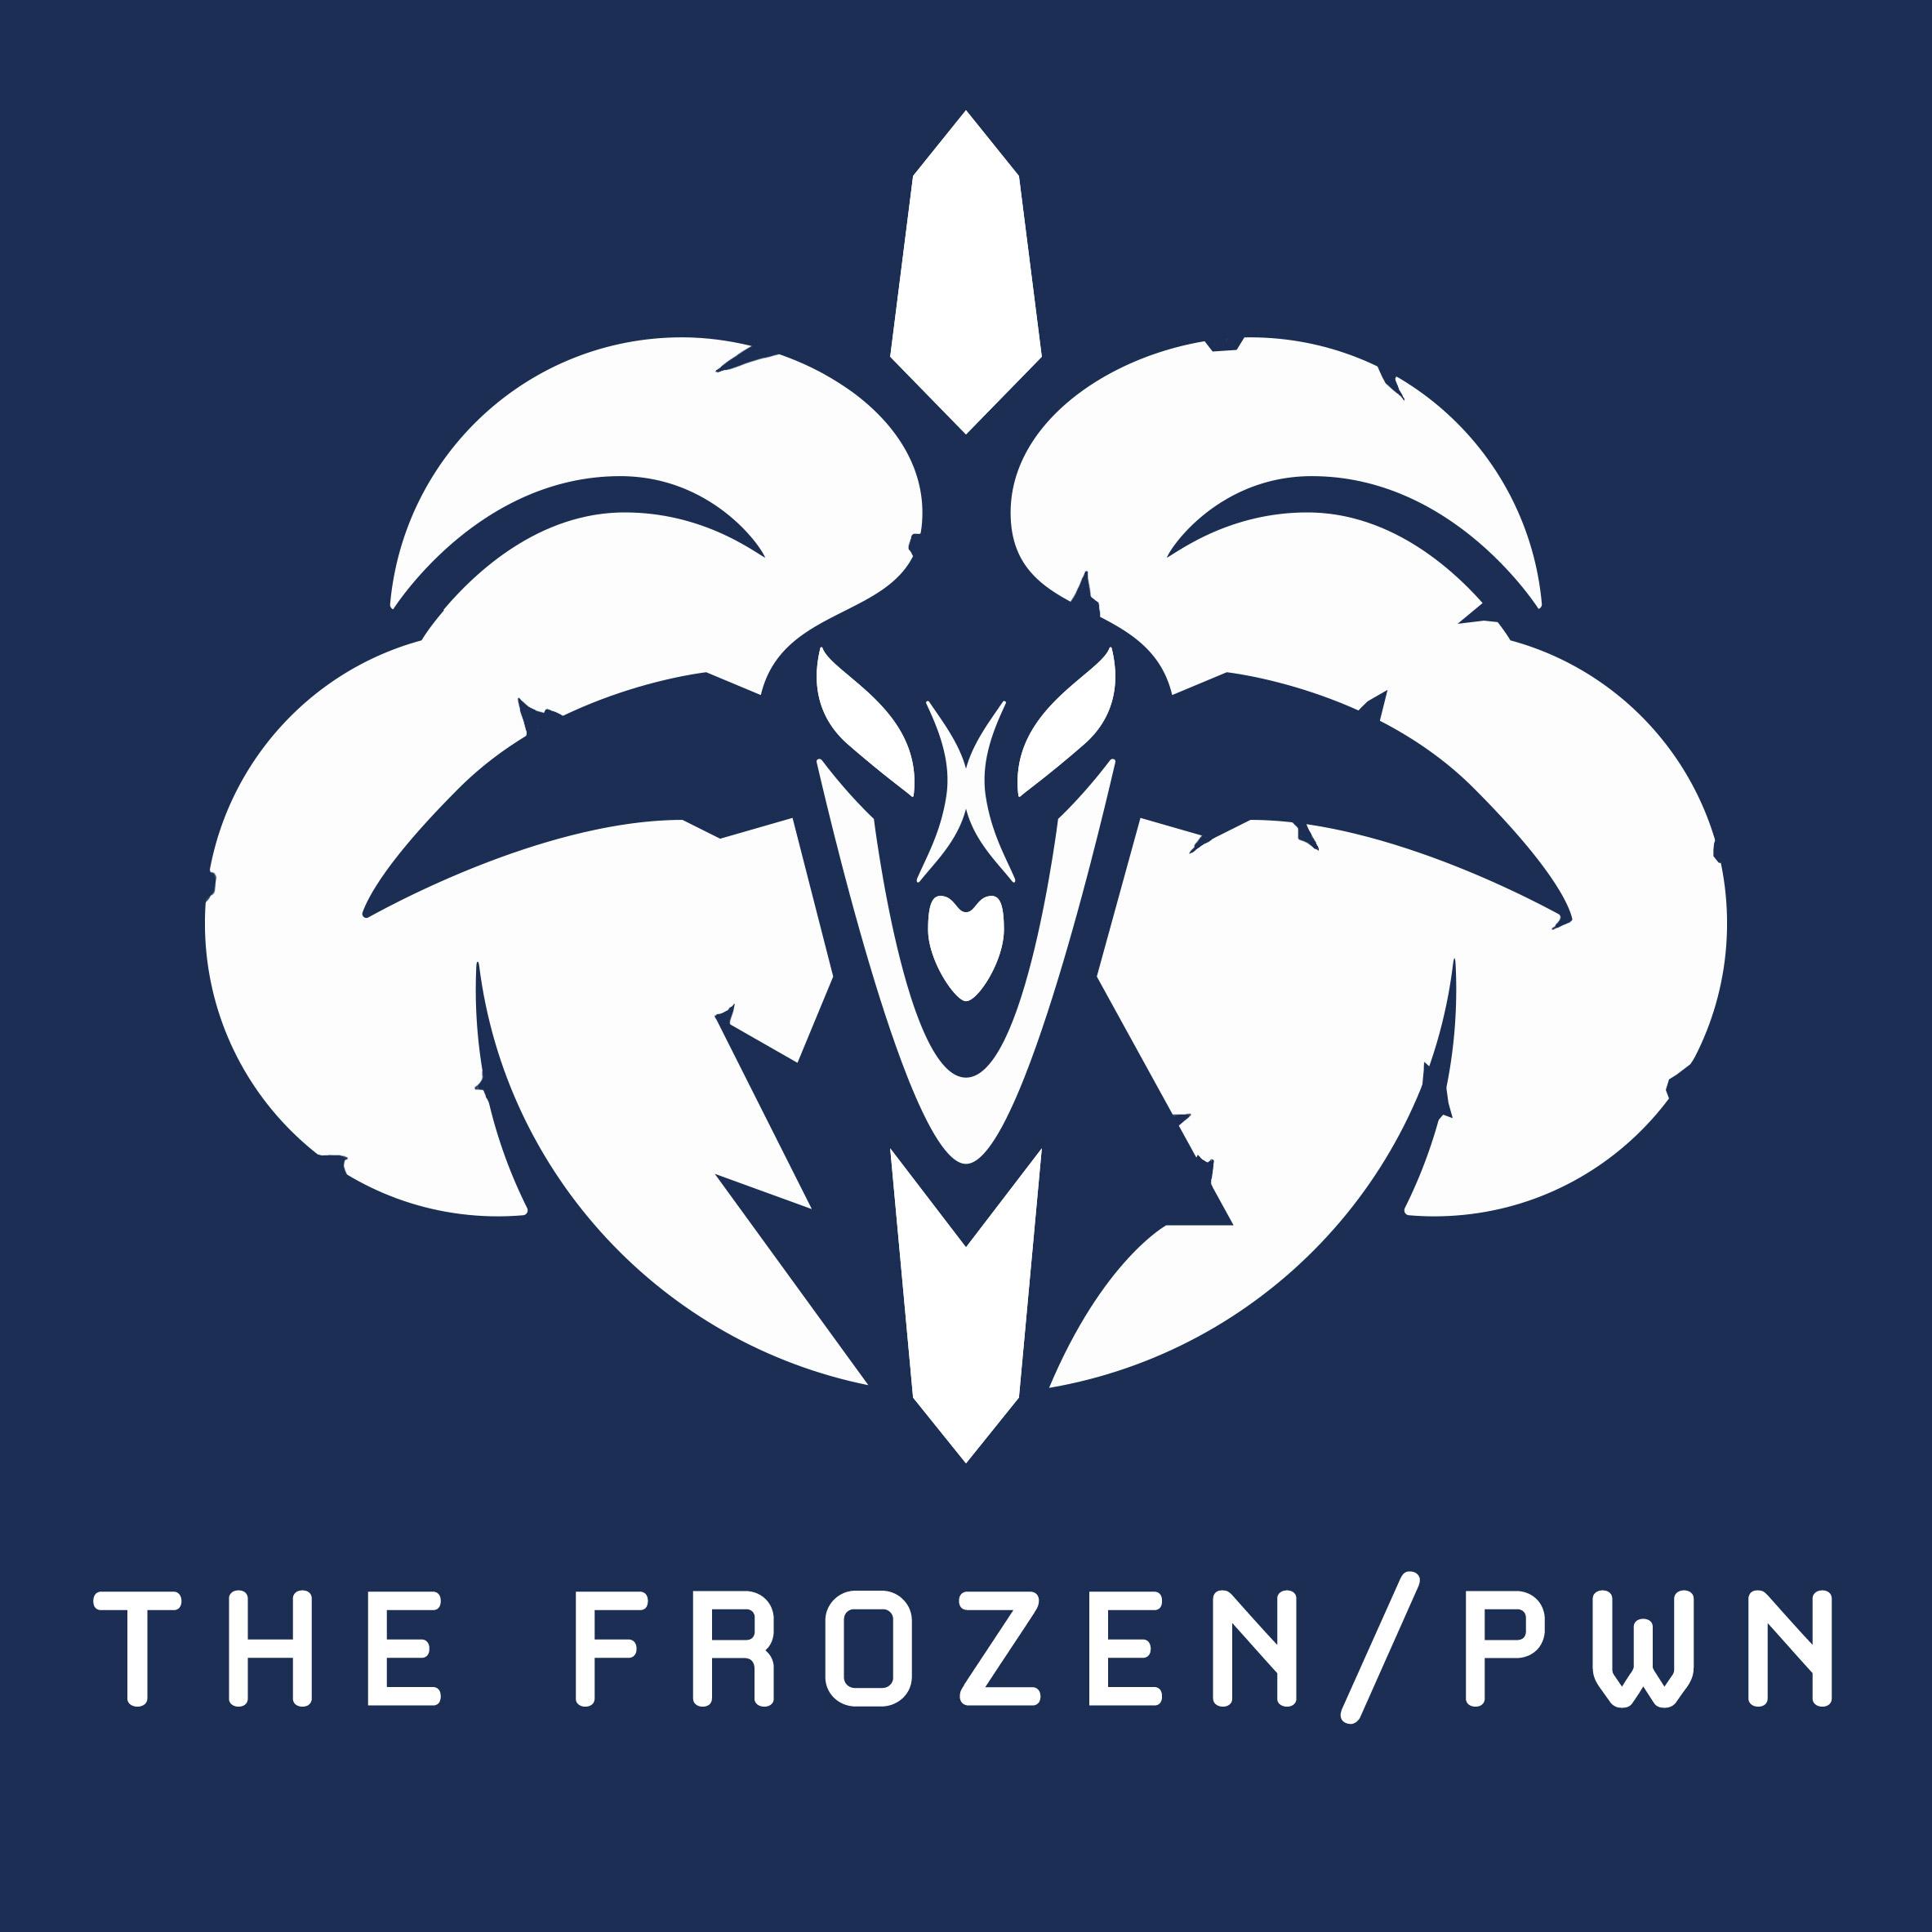 Logo de Frozen Pwn l'équipe esport du roi-liche